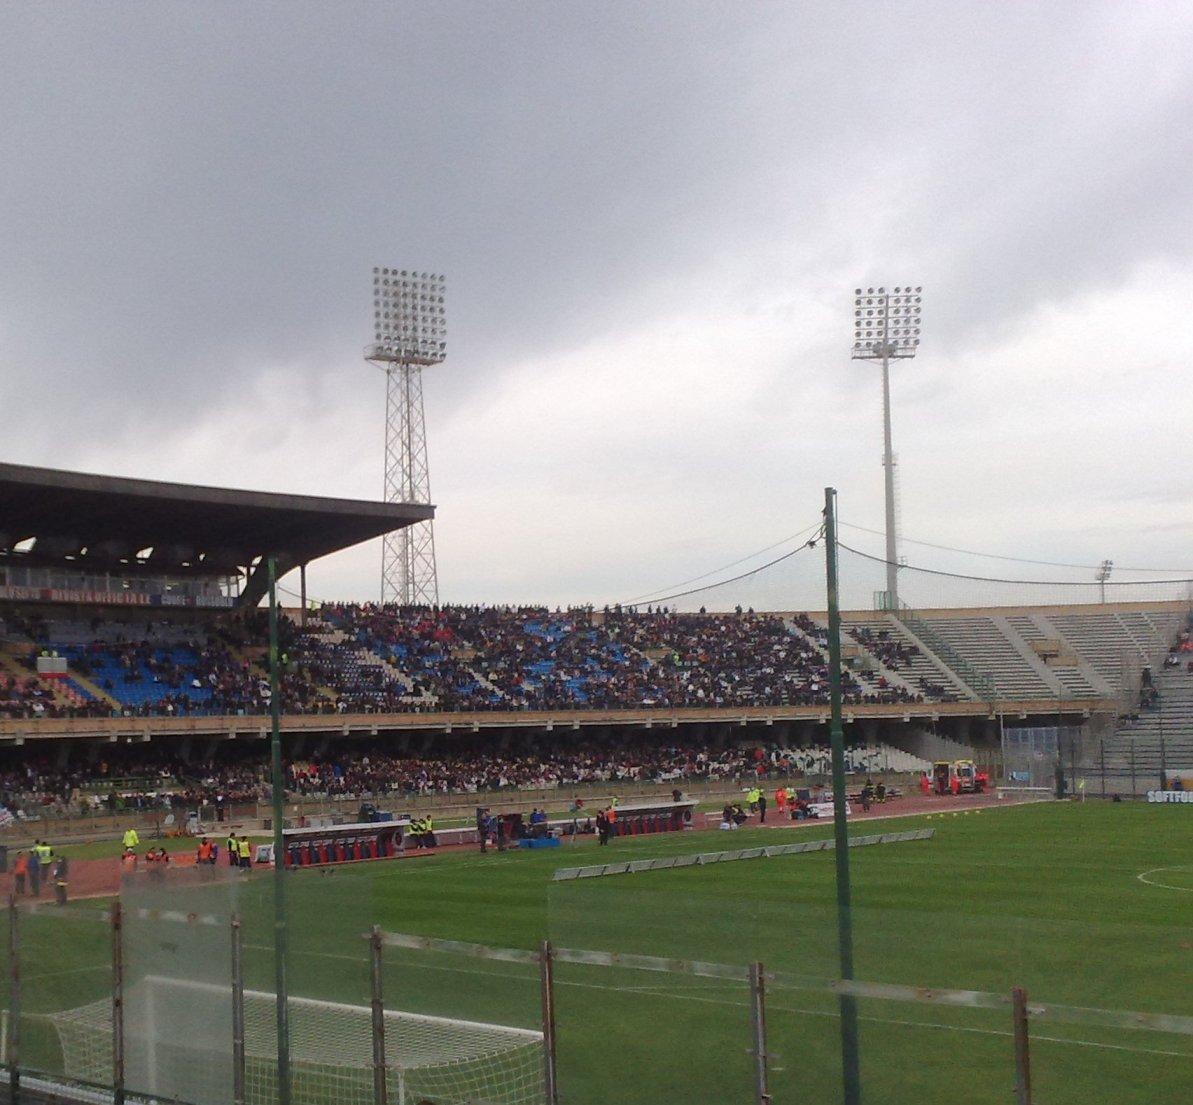 CALCIO, Il Cagliari targato Zola centra un'altra vittoria: ora è quart'ultimo. 2 – 1 contro il Sassuolo e seconda vittoria casalinga